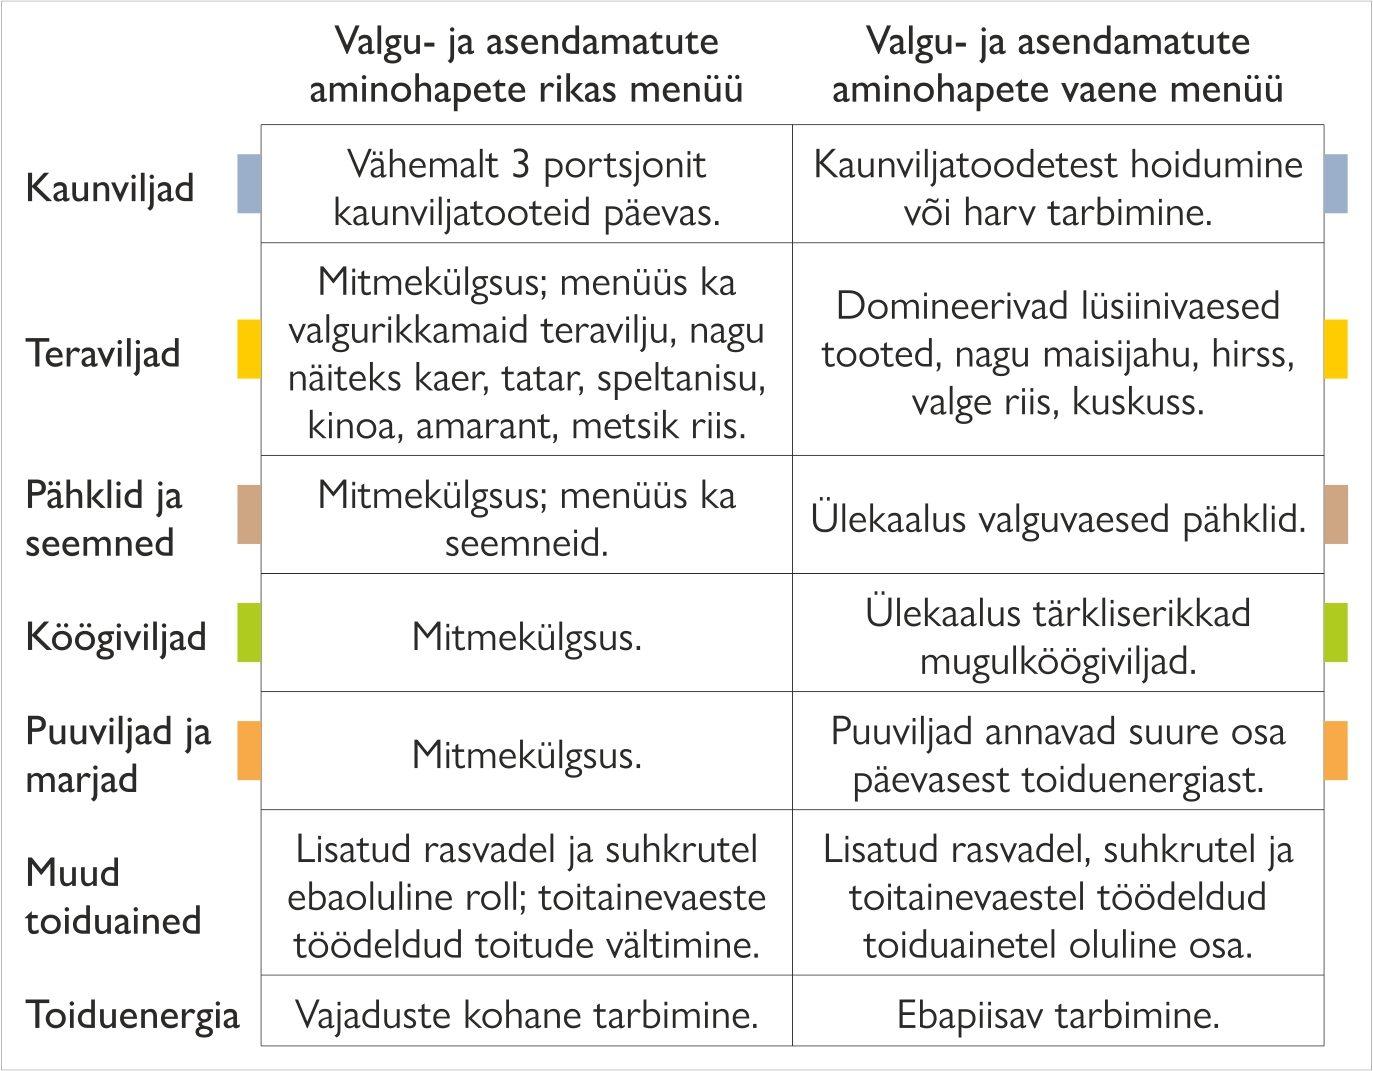 Valkude ja asendamatute aminohapete rikas vs vaene menüü